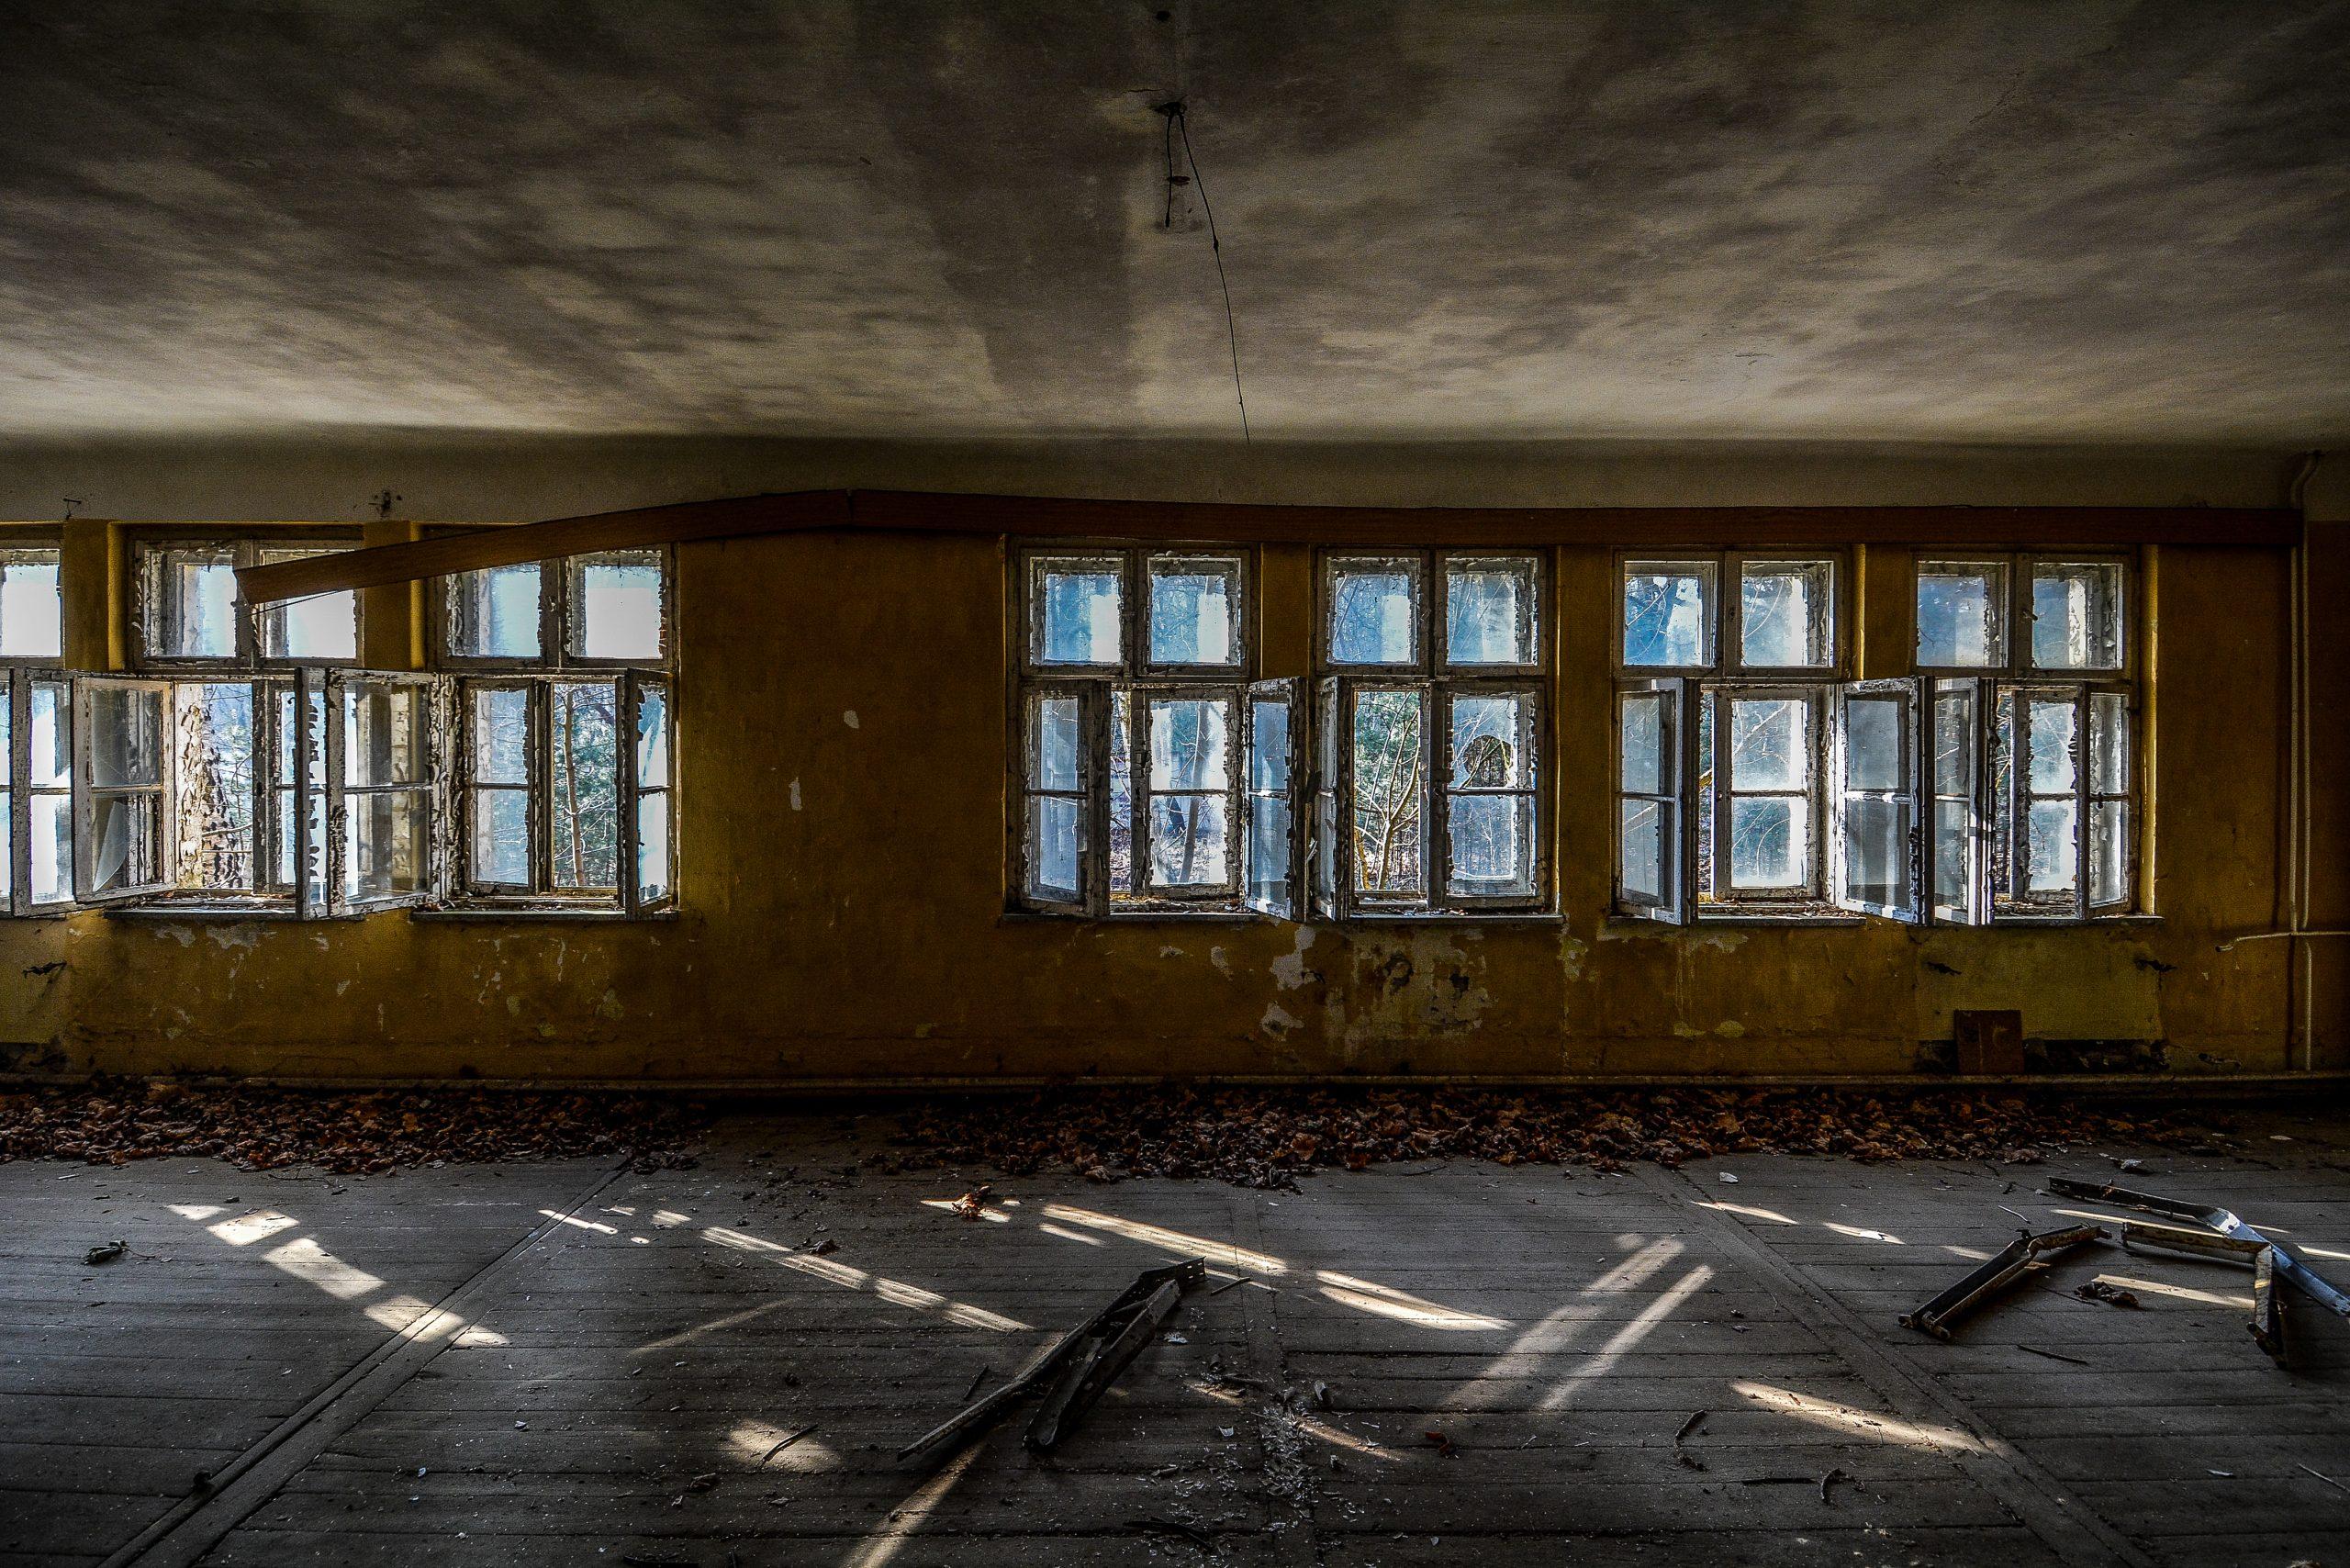 windows forst zinna adolf hitler lager luckenwalde juterbog sowjet kaserne soviet military barracks germany lost places urbex abandoned